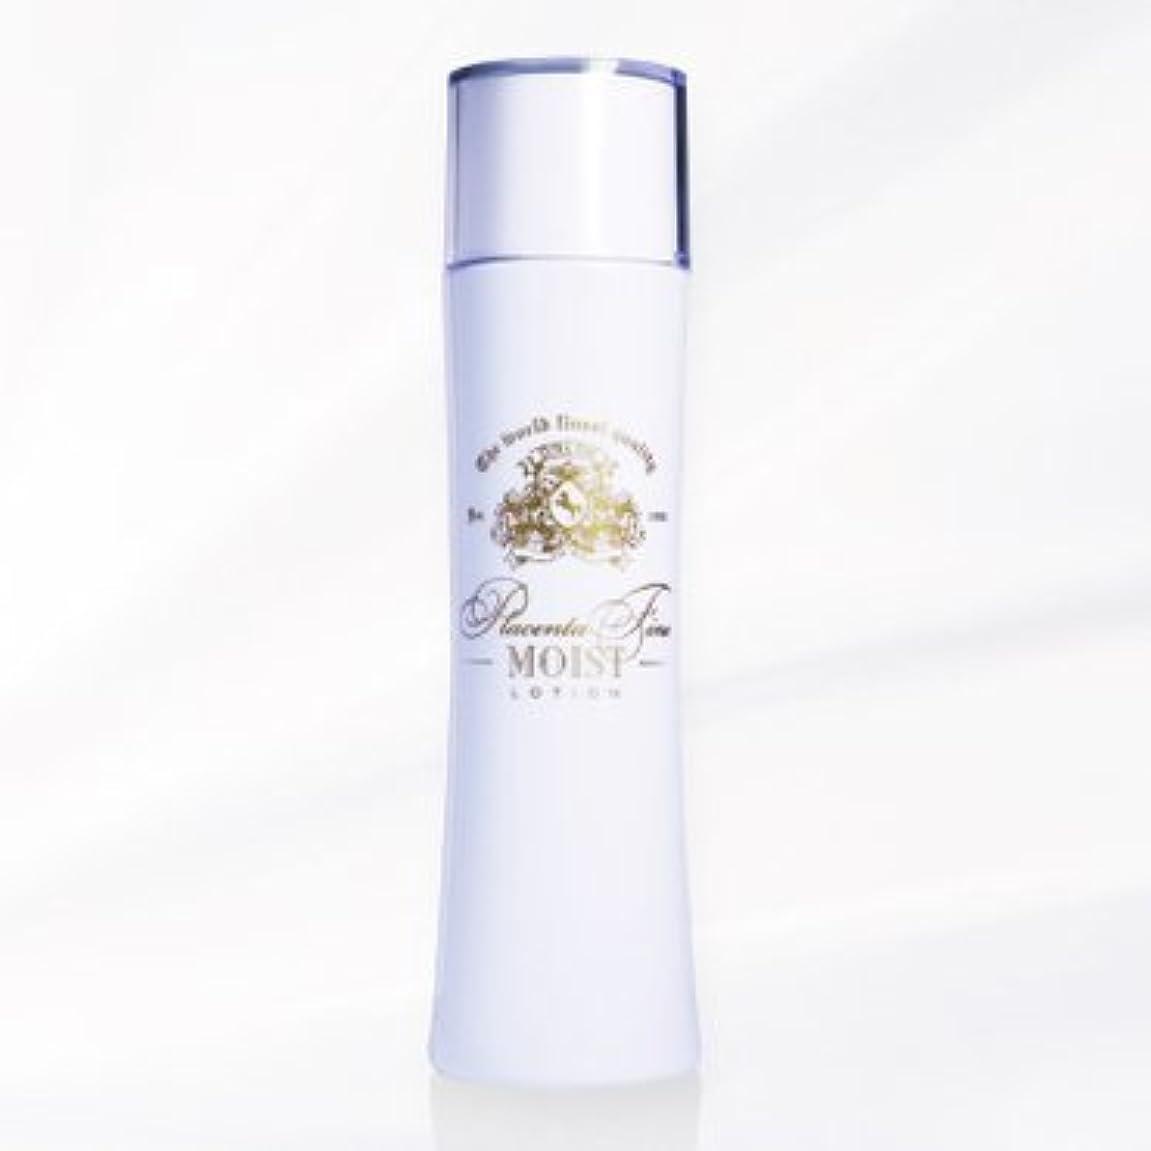 晩餐トライアスロンオーケストラ馬プラセンタ化粧水 プラセンタファインモイストローション【キャンペーン価格】